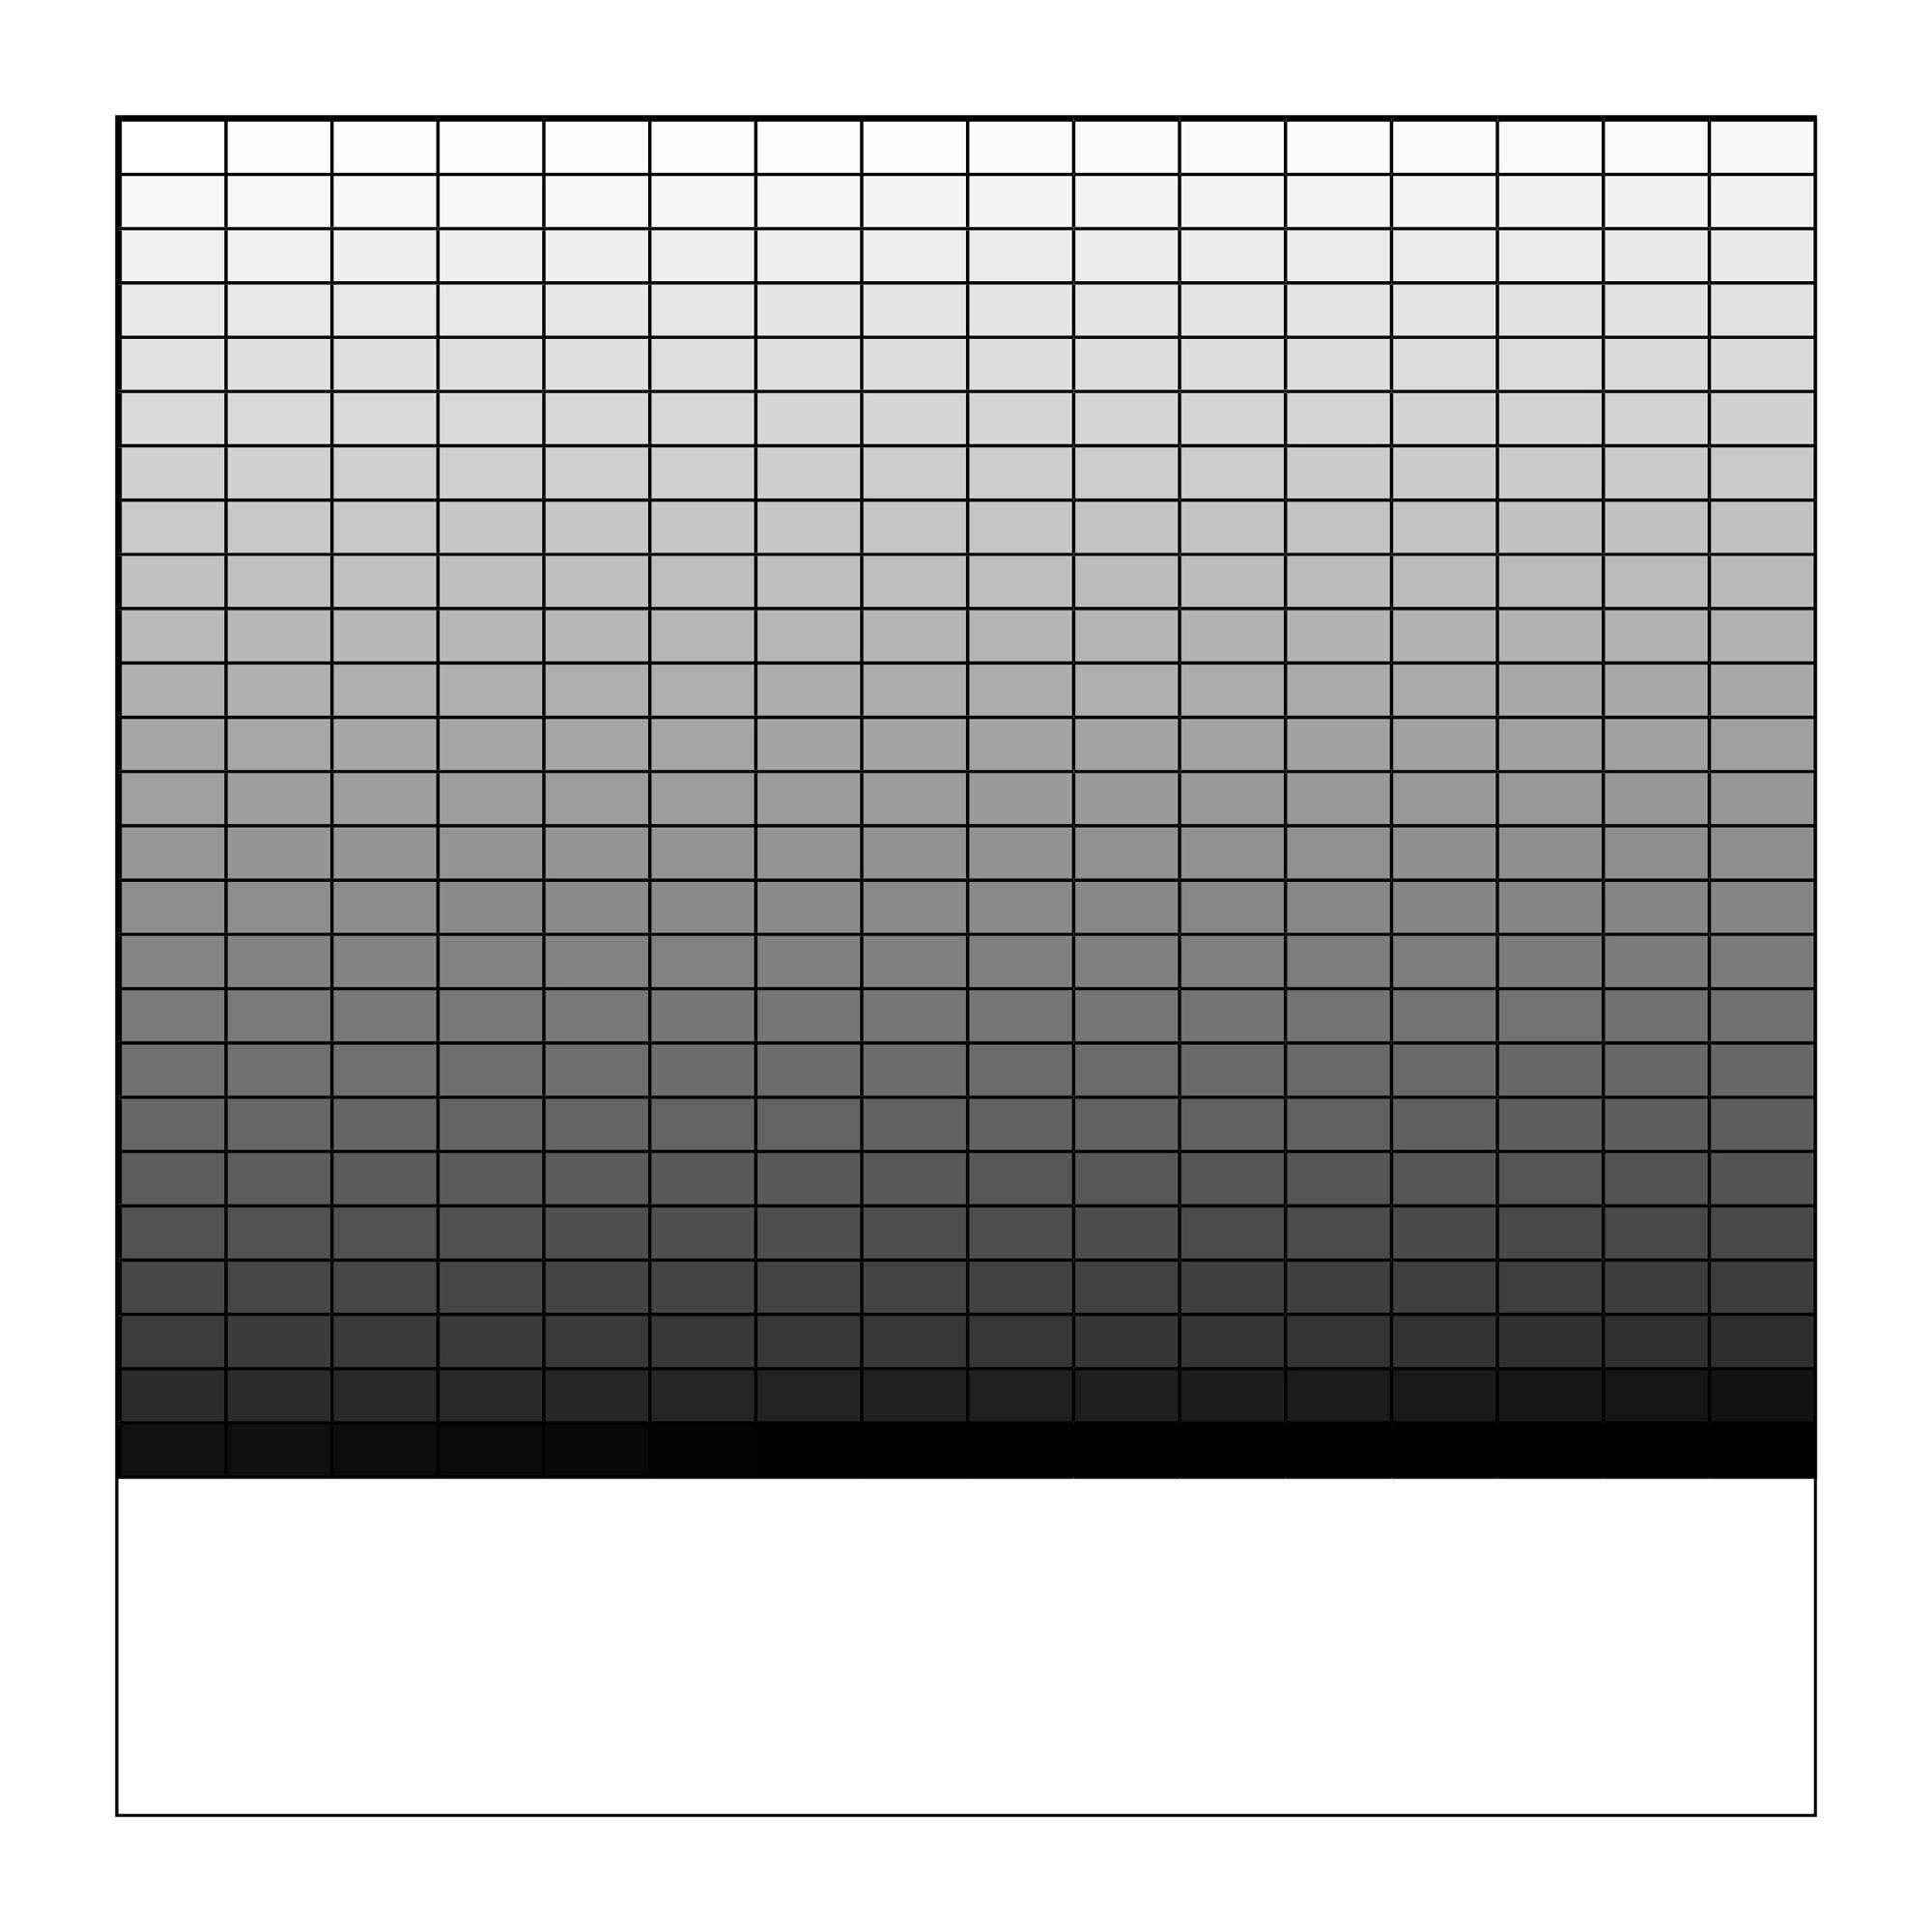 wendy Vachal, Tableau relationnel, 256 nuances de gris. Dessin numérique, 2018 72dpi